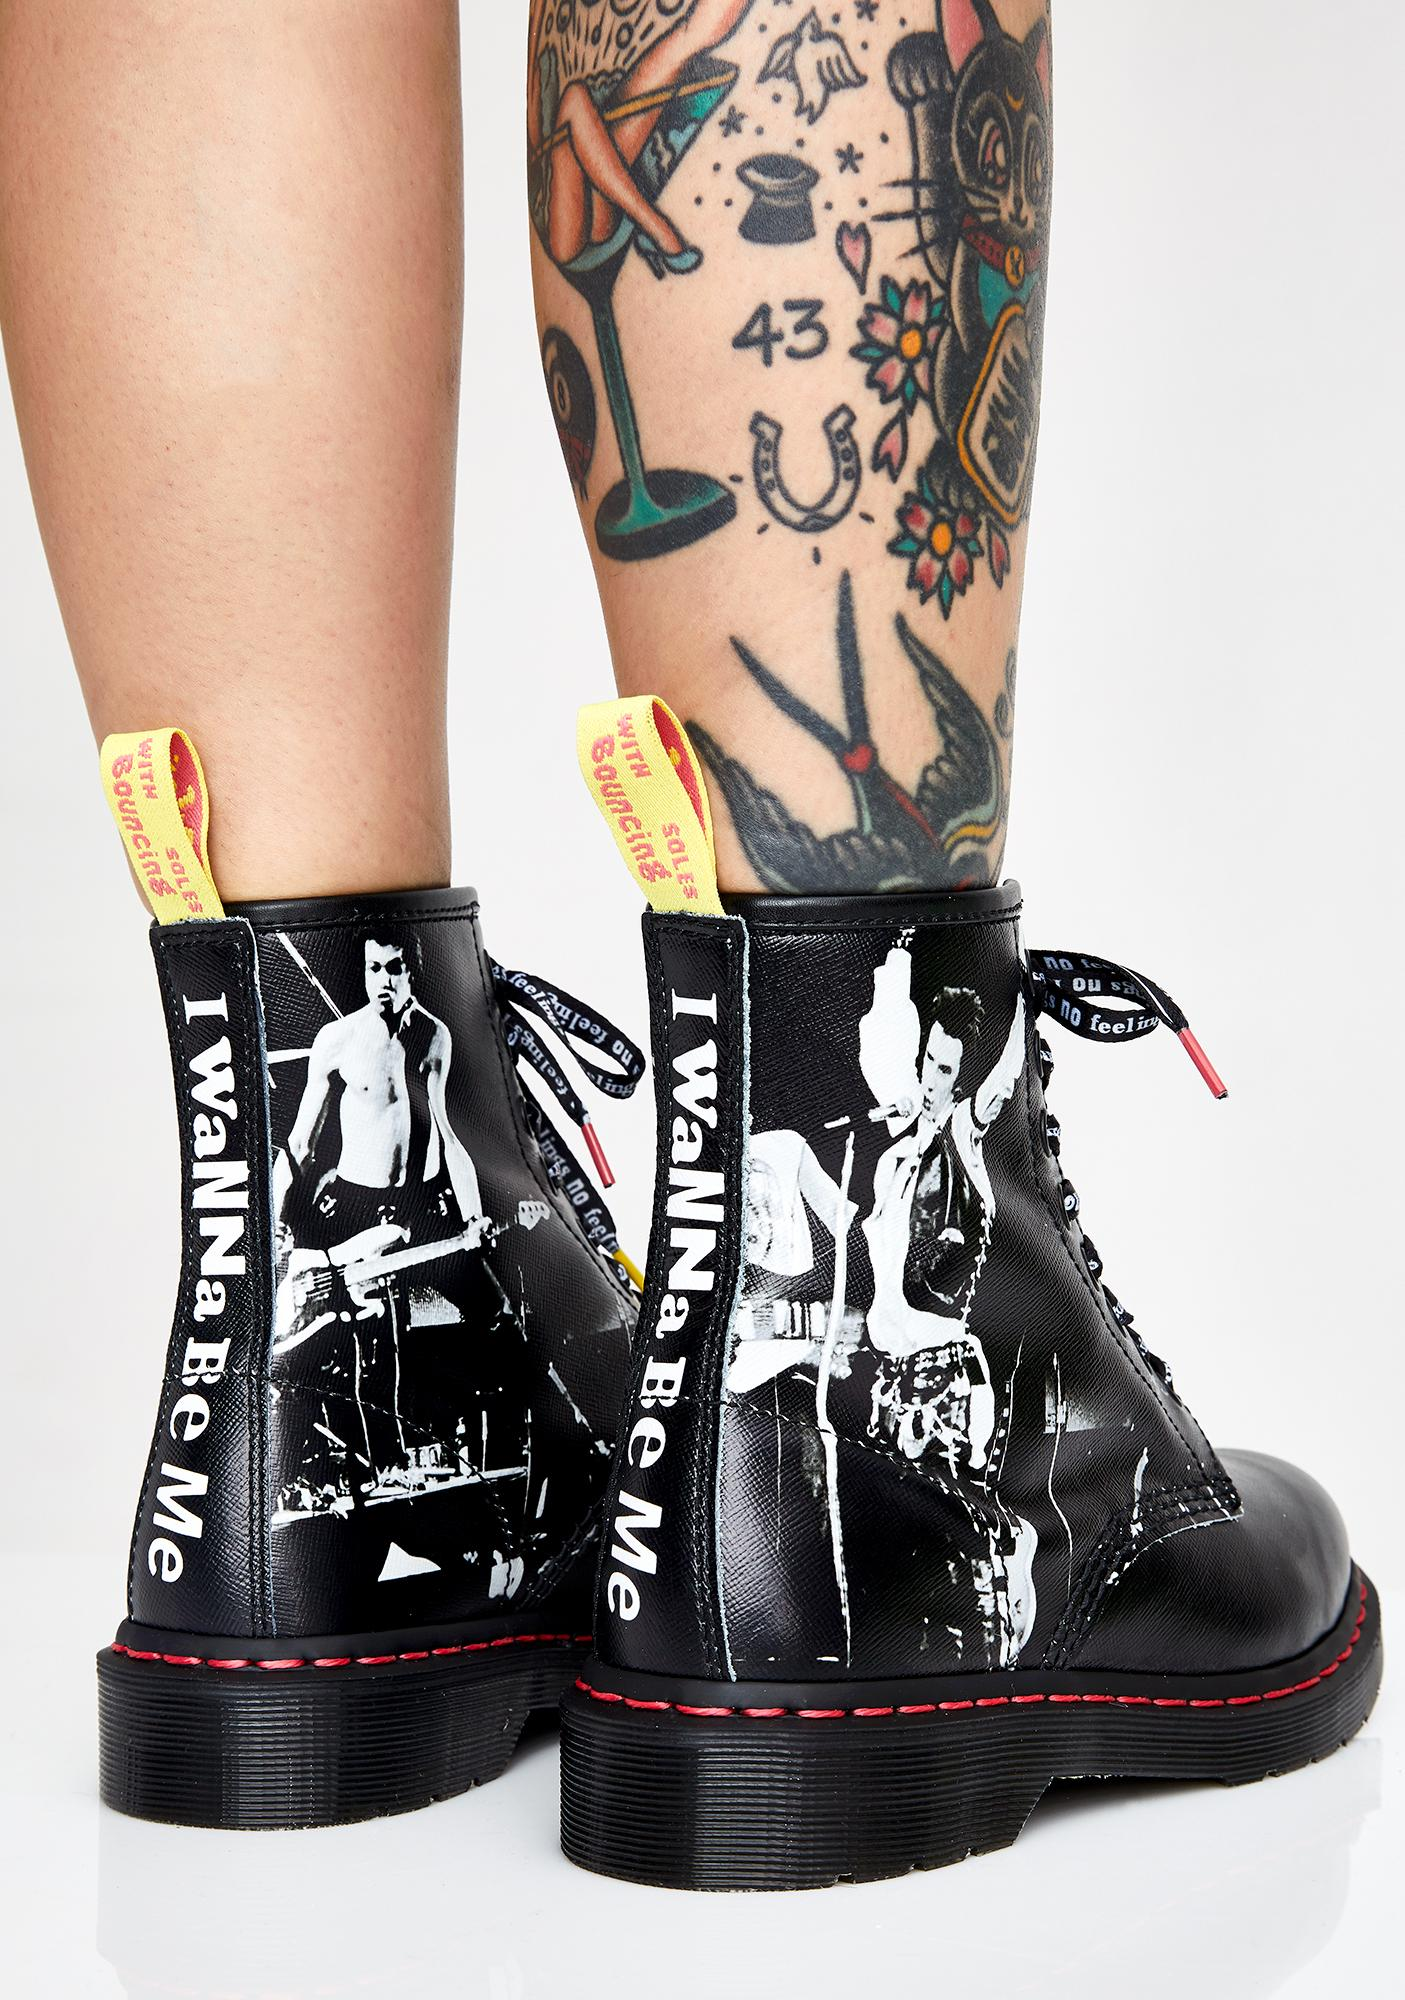 49377df706fc Dr. Martens 1460 Sex Pistols Vicious Boots | Dolls Kill